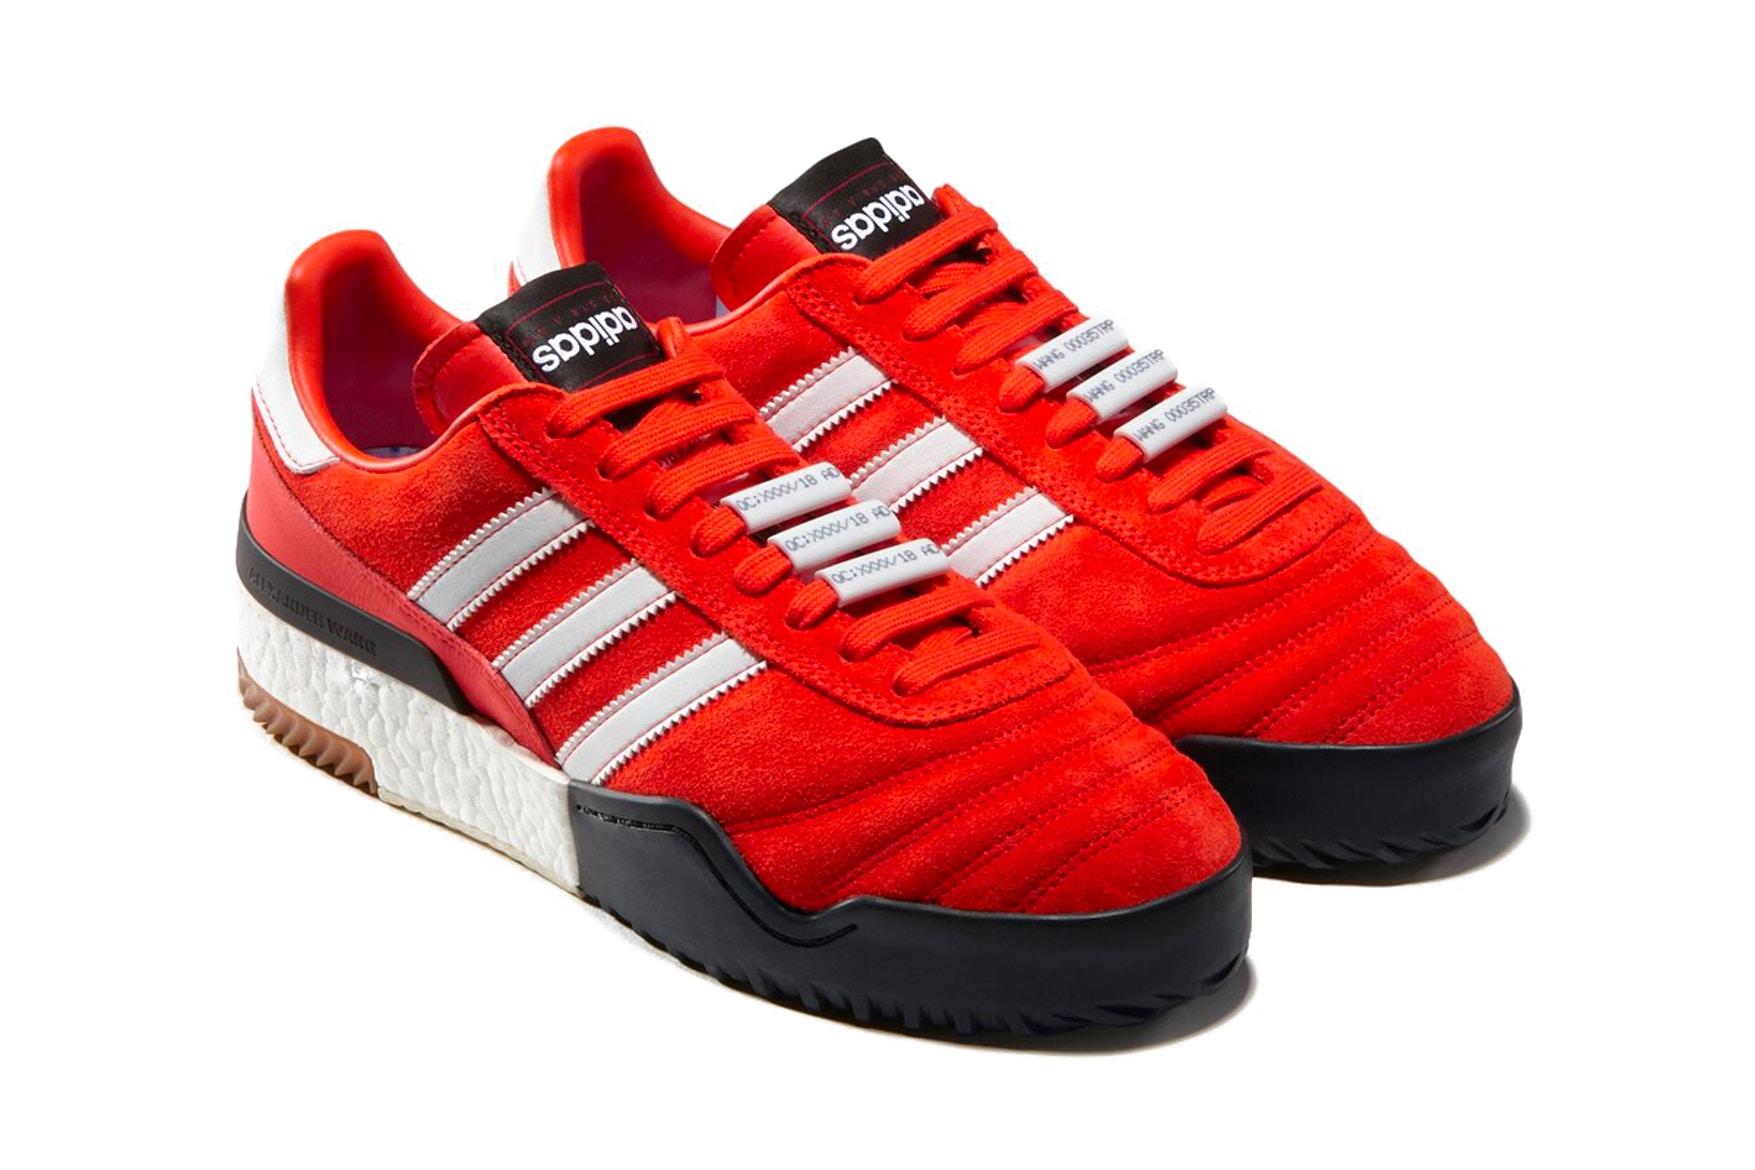 reputable site 3c2b8 3a77f alexander-wang-adidas-originals-bball-soccer-release-date-004.jpg